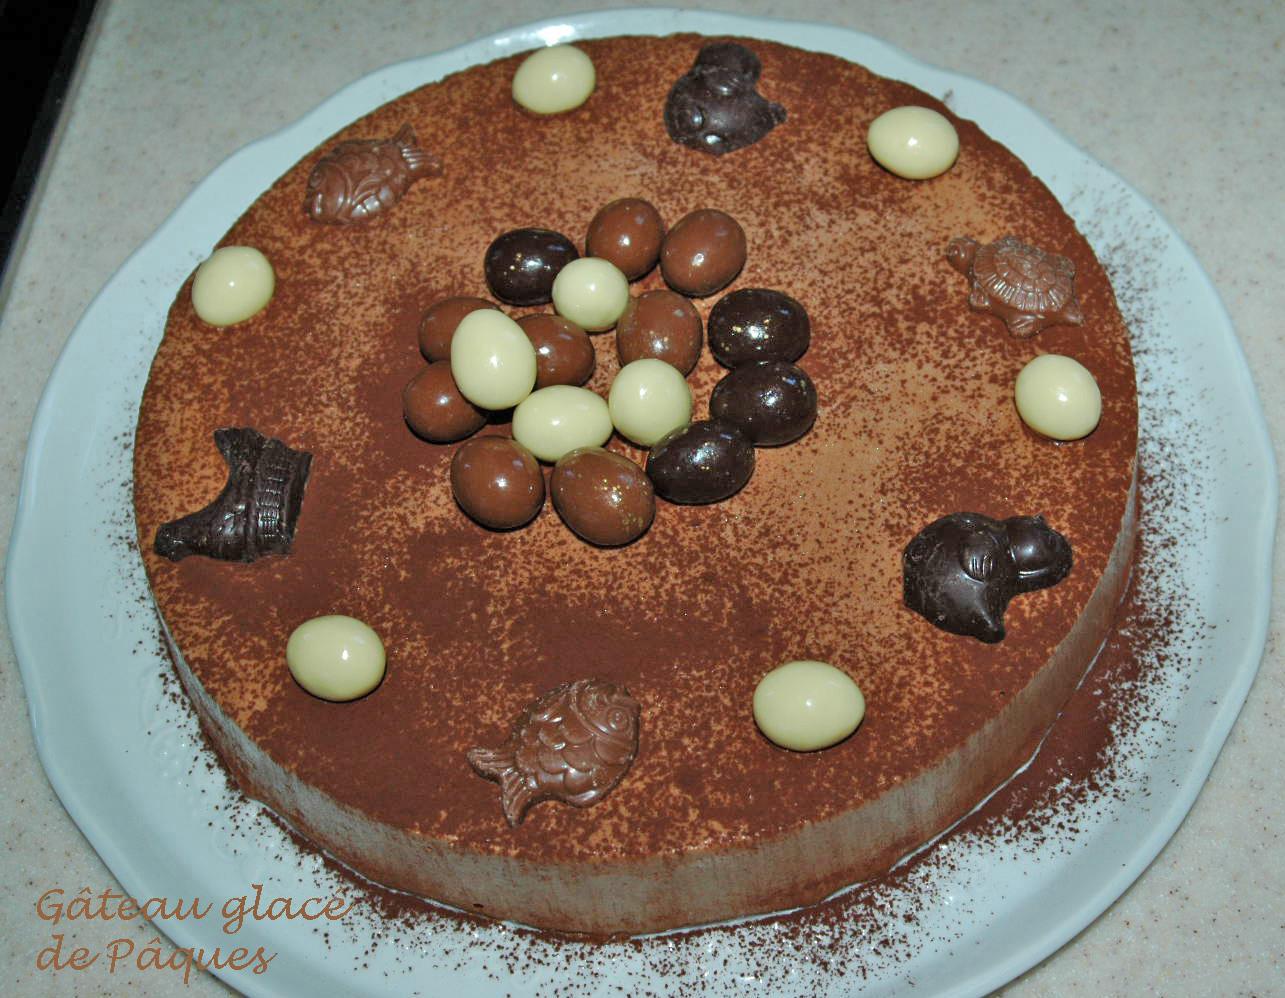 Gâteau glacé de Pâques -DSC_7824_16211 R